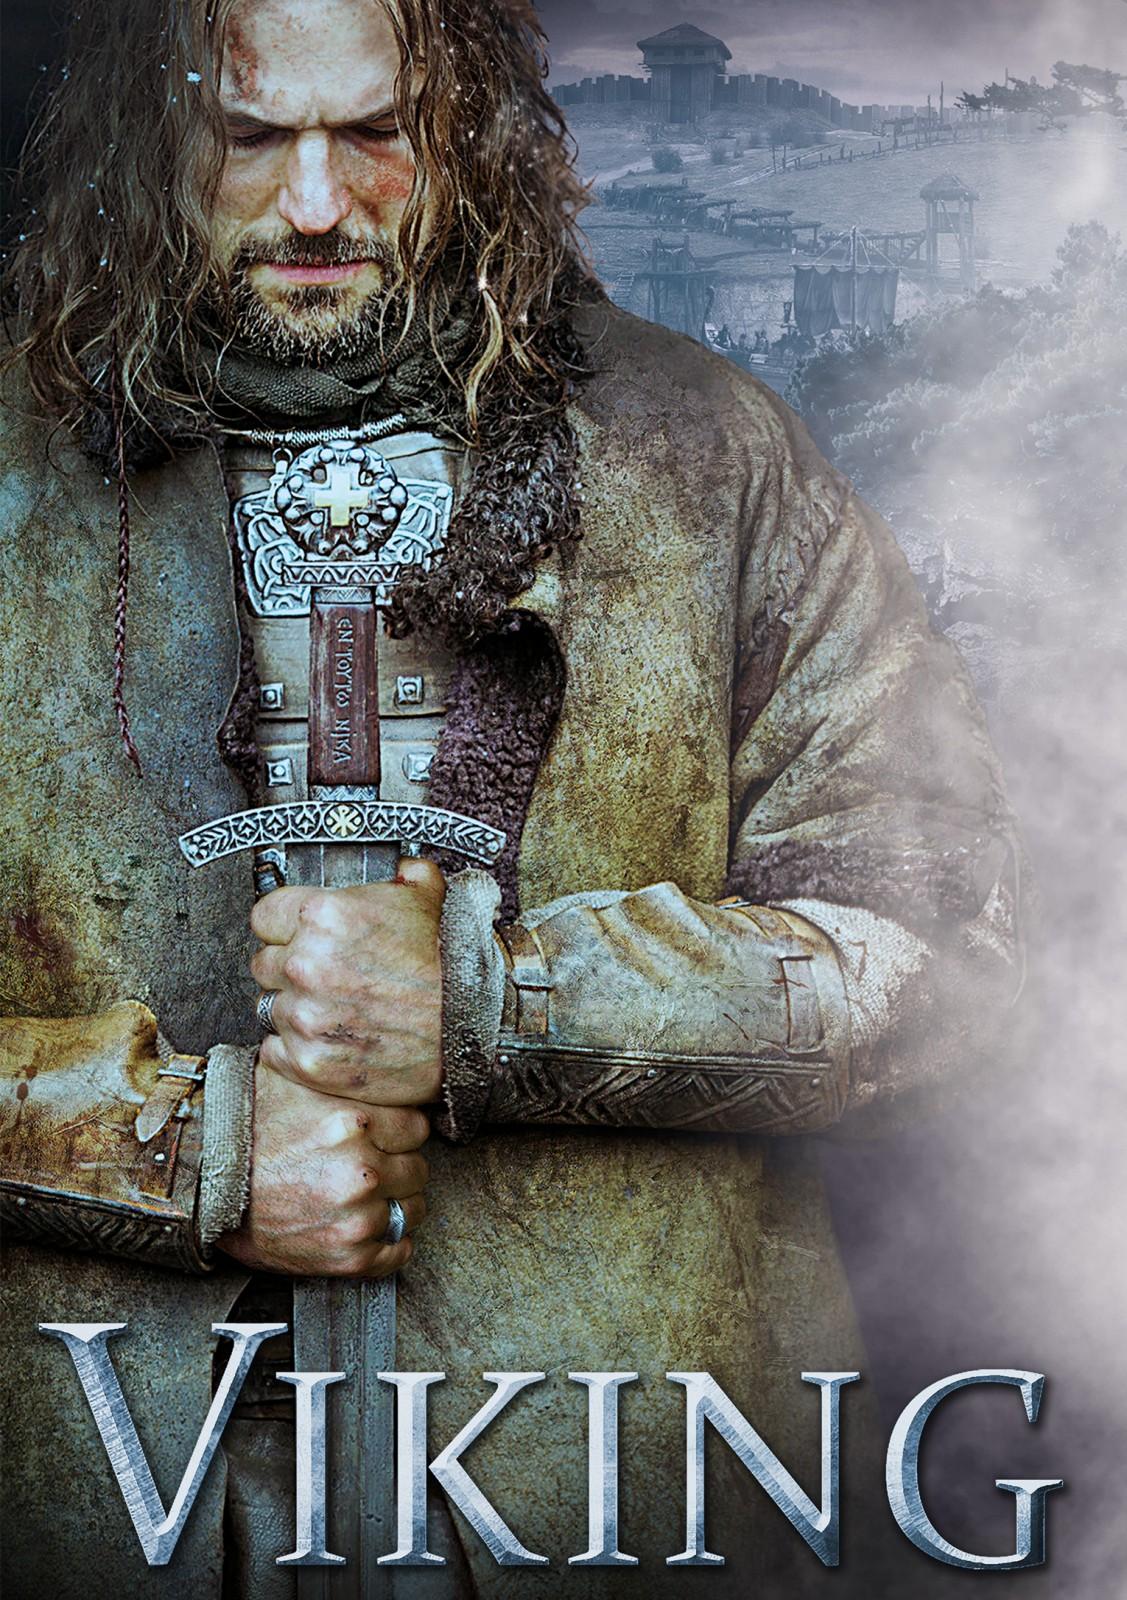 Ютуб Викинг gtgt Смотреть фильм Викинг онлайн в хорошем